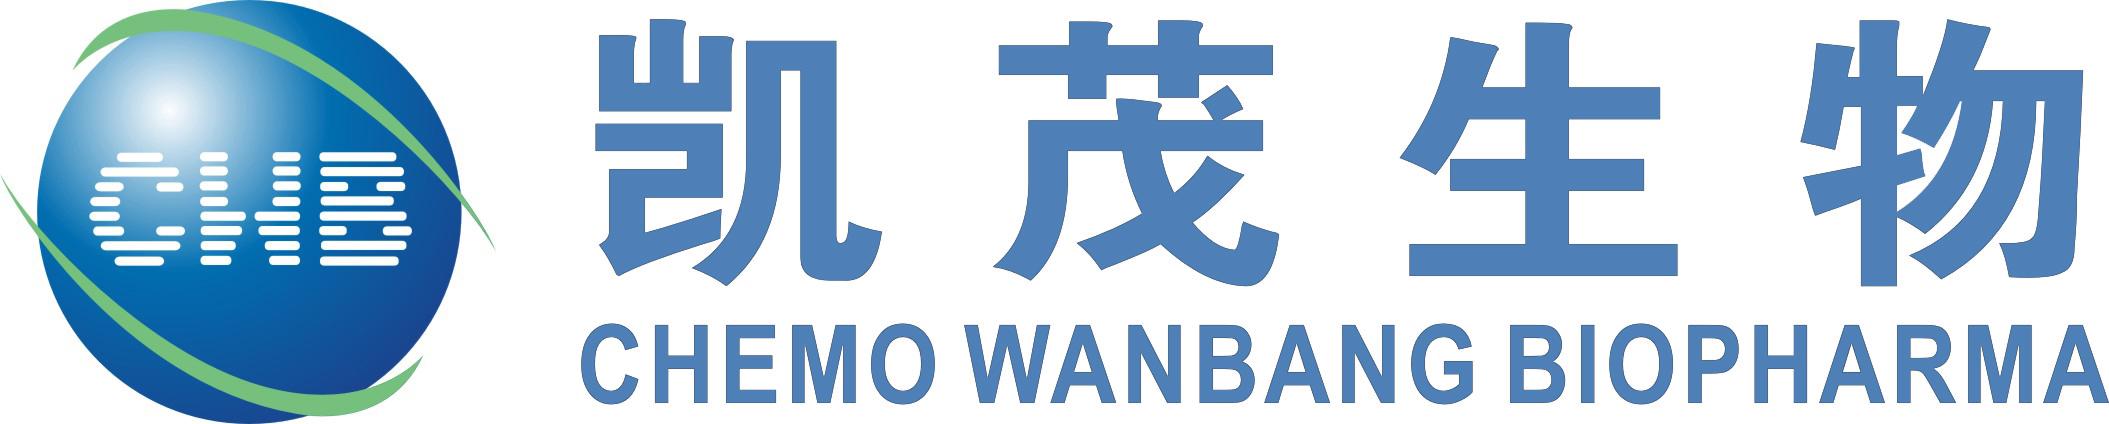 logo 标识 标志 设计 矢量 矢量图 素材 图标 2109_424